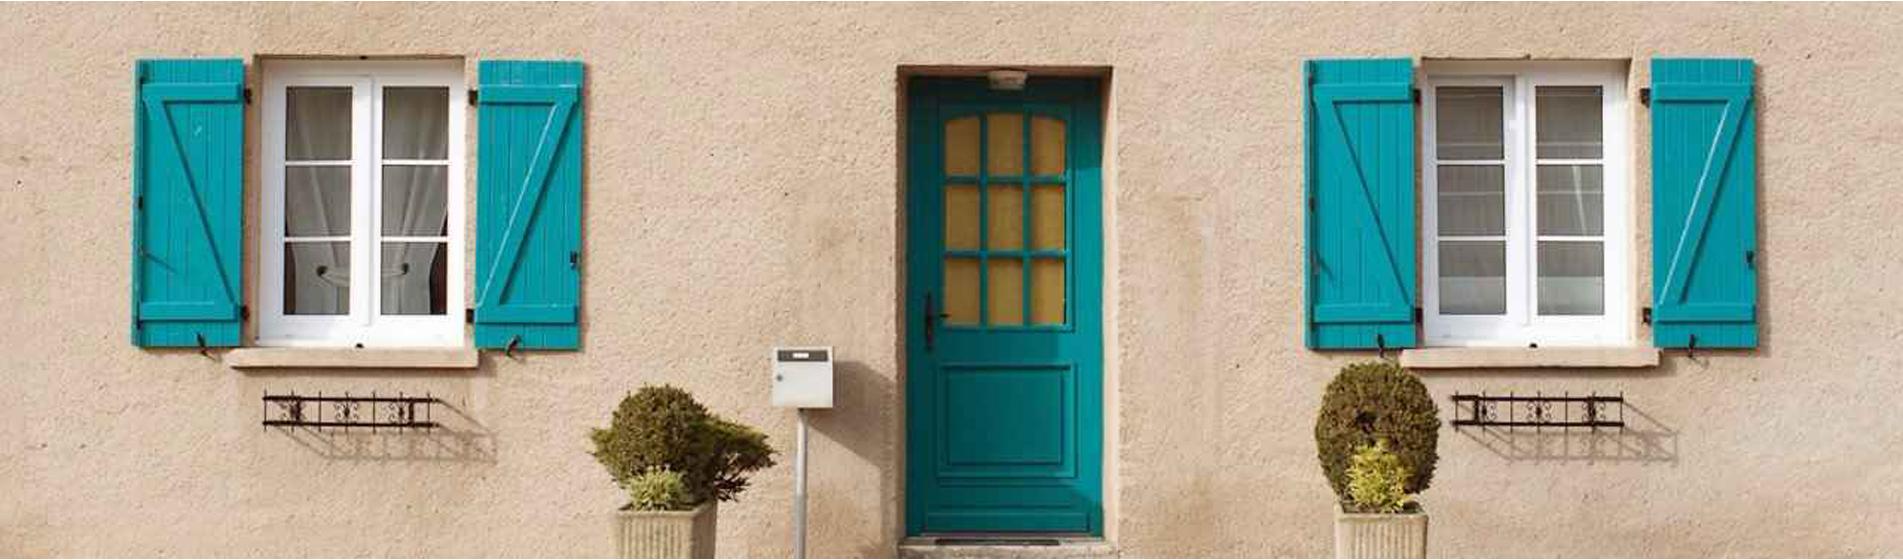 installer porte d'entrée vitrée 13 Bouches-du-Rhône